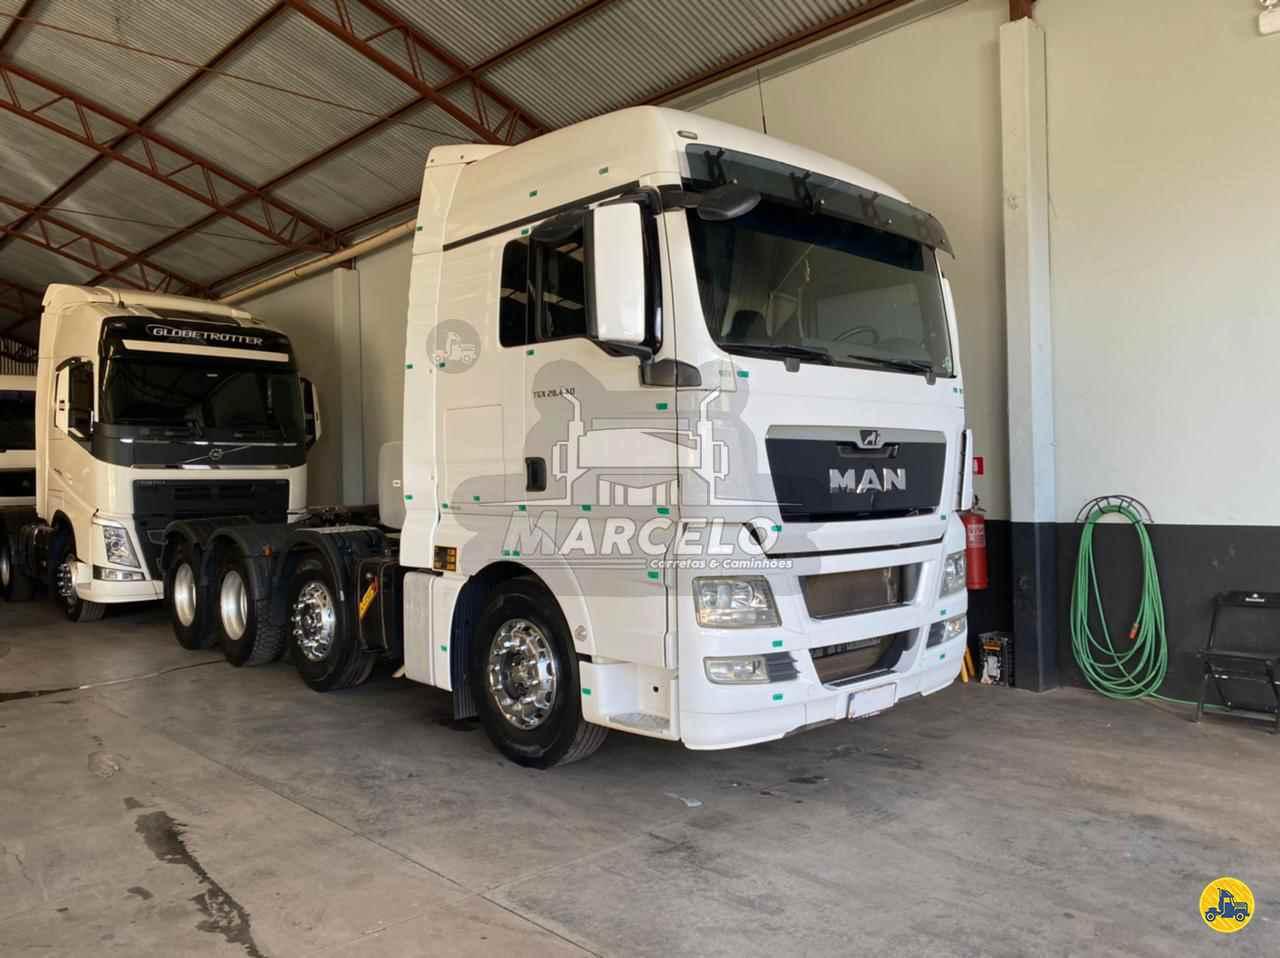 CAMINHAO MAN TGX 28 440 Cavalo Mecânico BiTruck 8x2 Marcelo Carretas e Caminhões PIRAPOZINHO SÃO PAULO SP